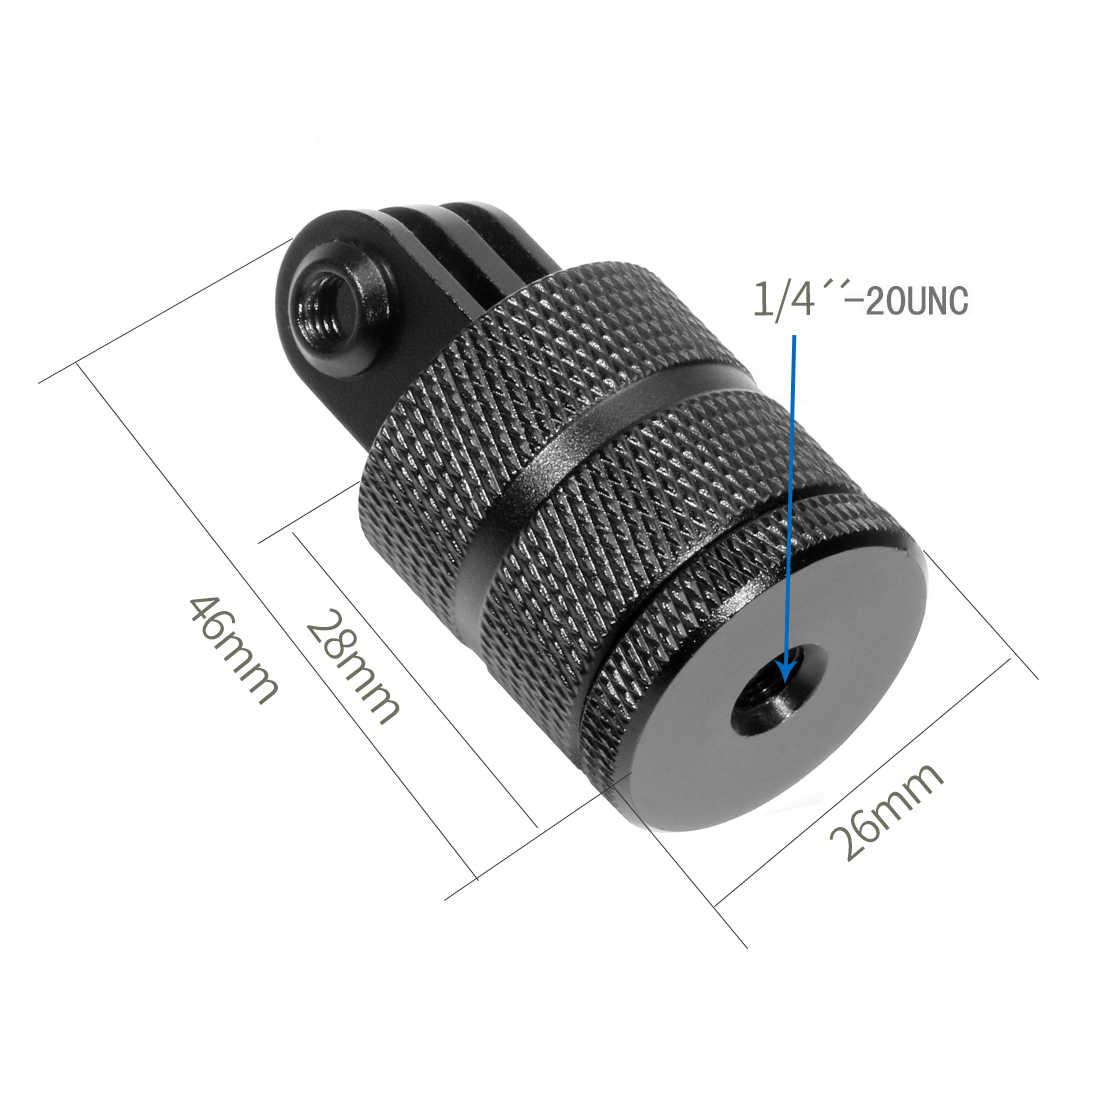 F15580 алюминиевый 360 градусов вращение 12 направление позиции Камера cnc-соединитель штатив для экшн-камеры GoPro Hero 2 3 3 + 4 SJ4000